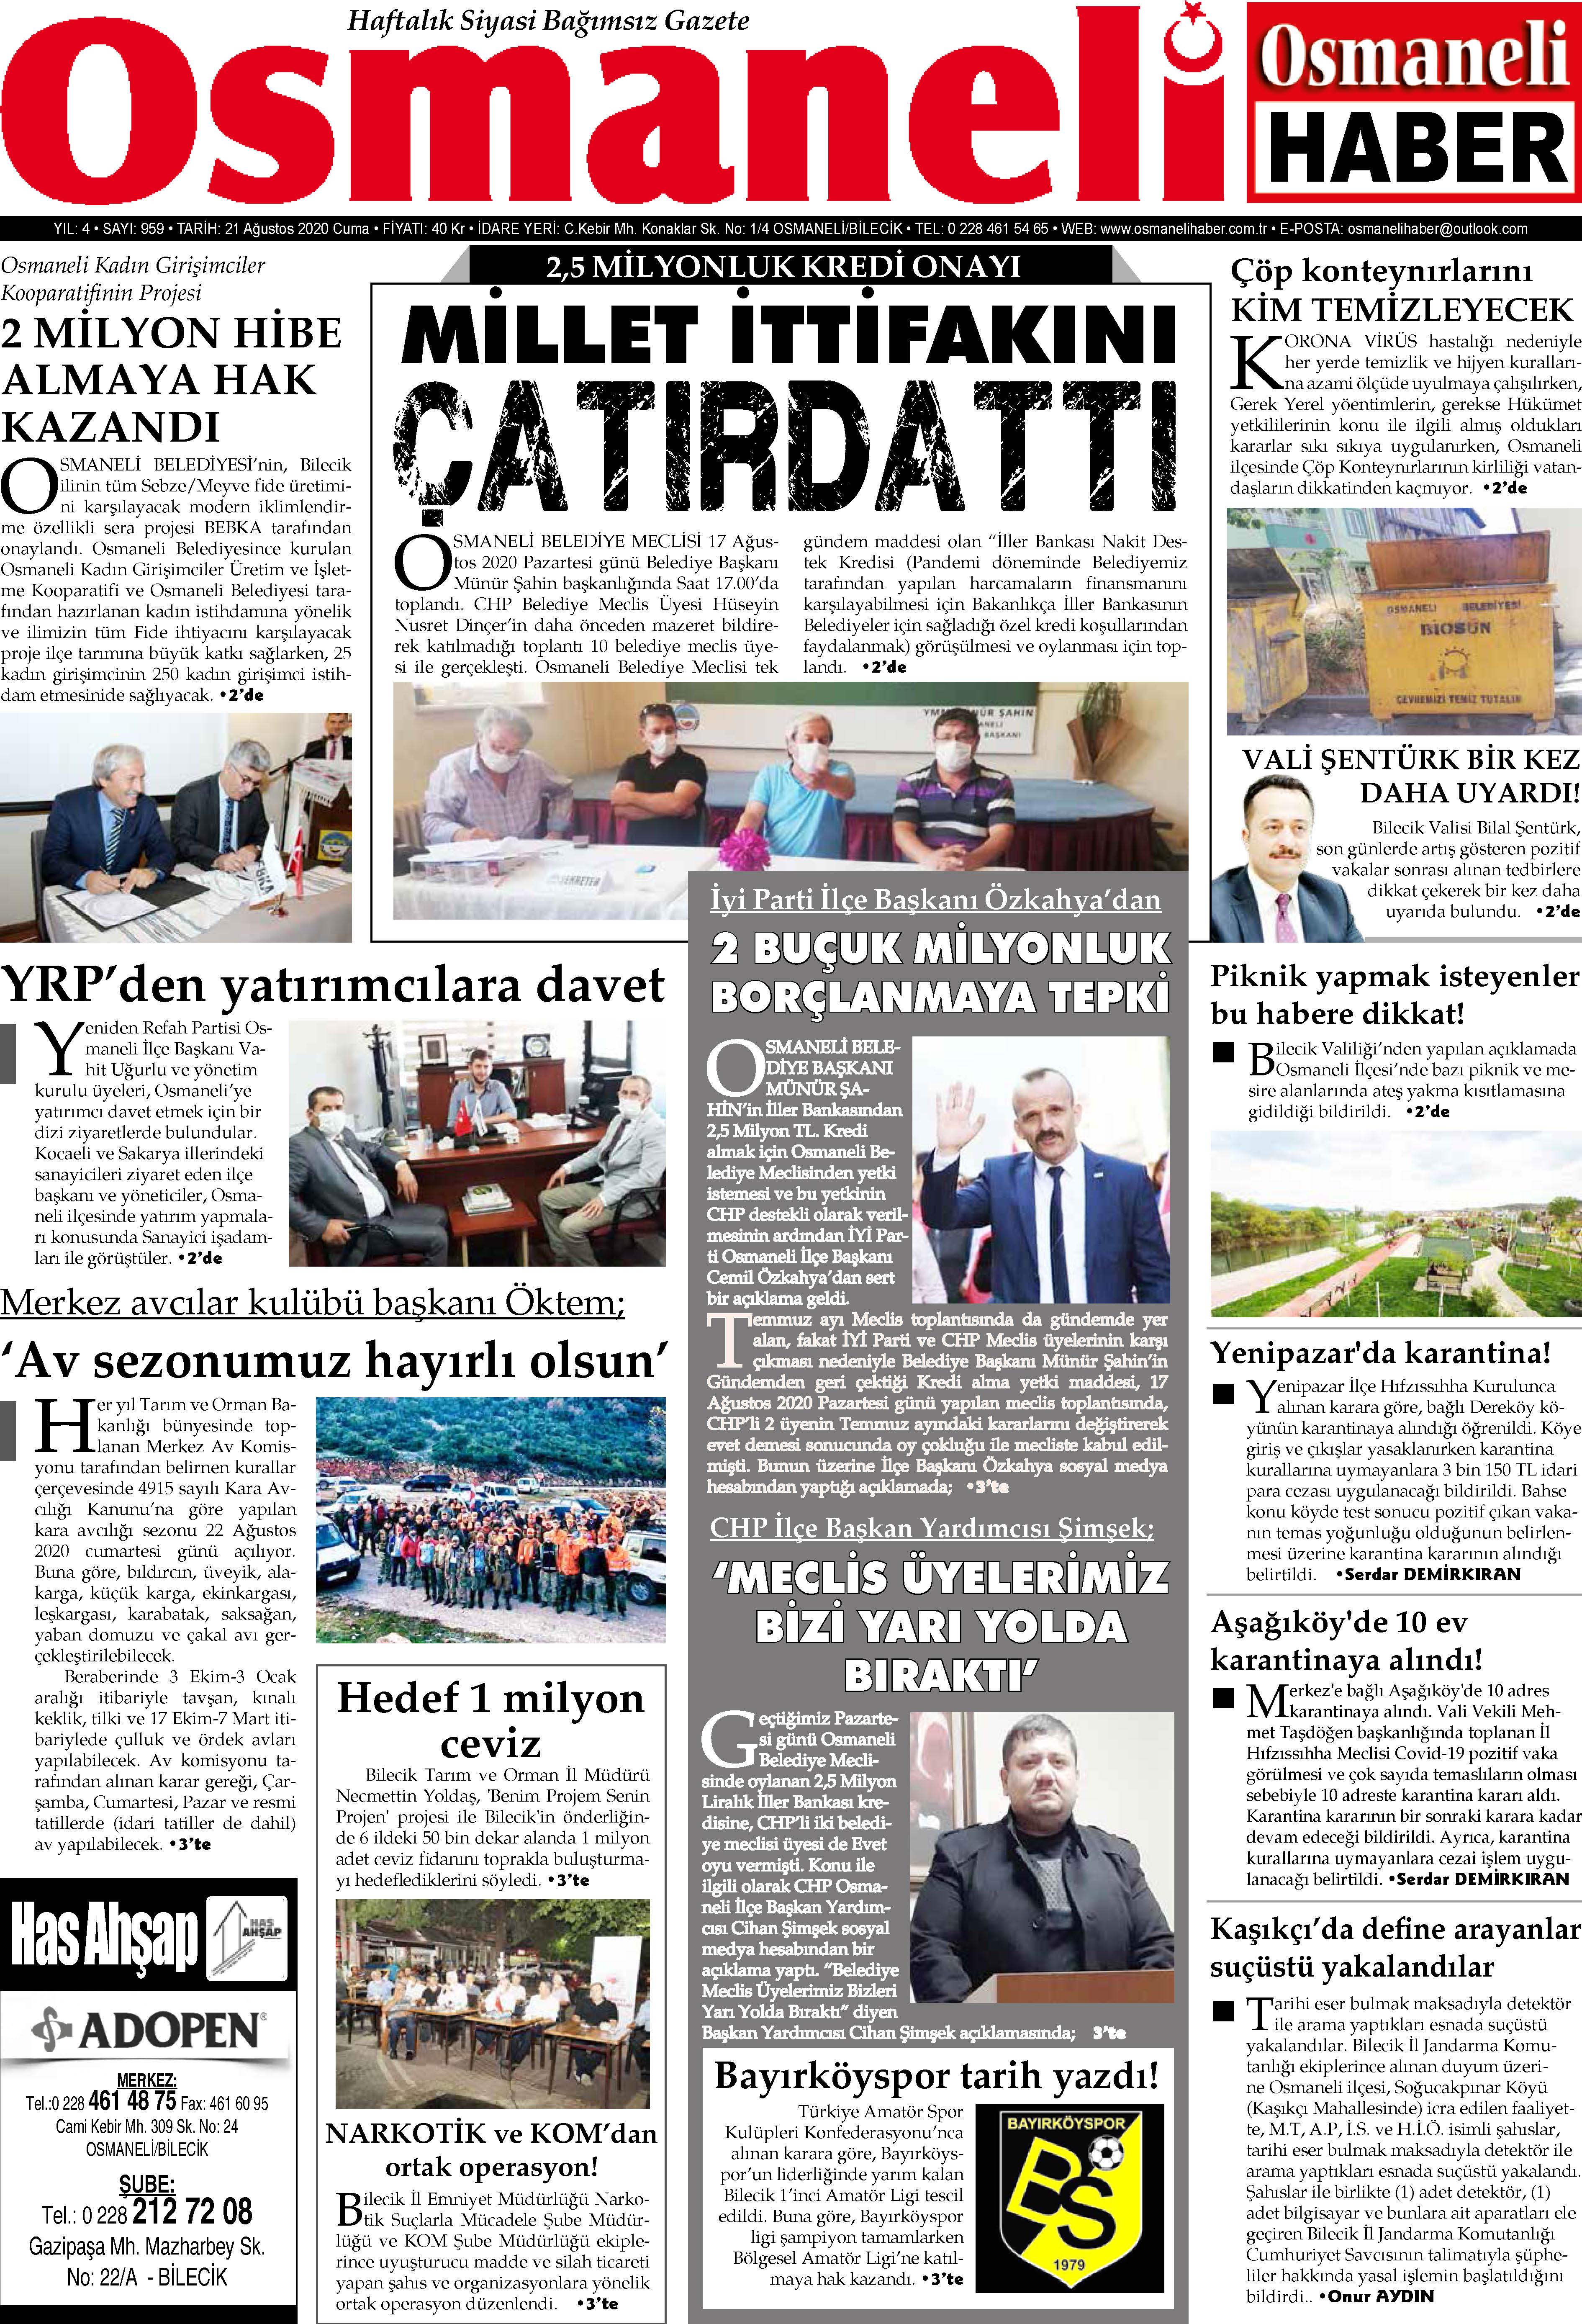 Osmaneli Haber Gazetesi Gazetesi